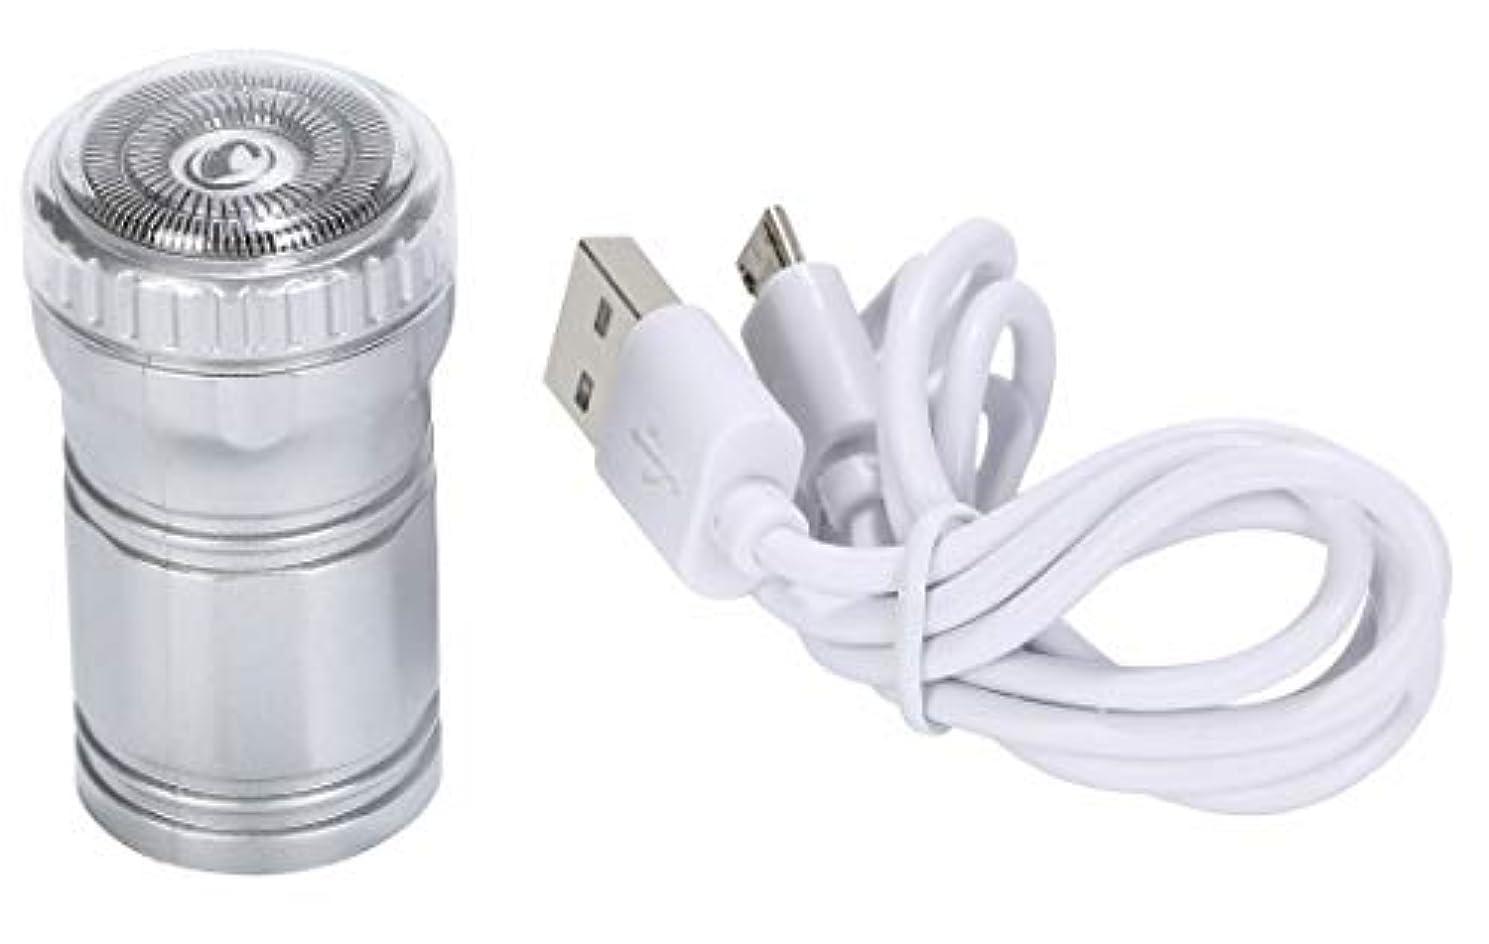 所有権不規則な注目すべきr_planning コンパクト シェーバー 髭剃り USB給電 USBコード 付属